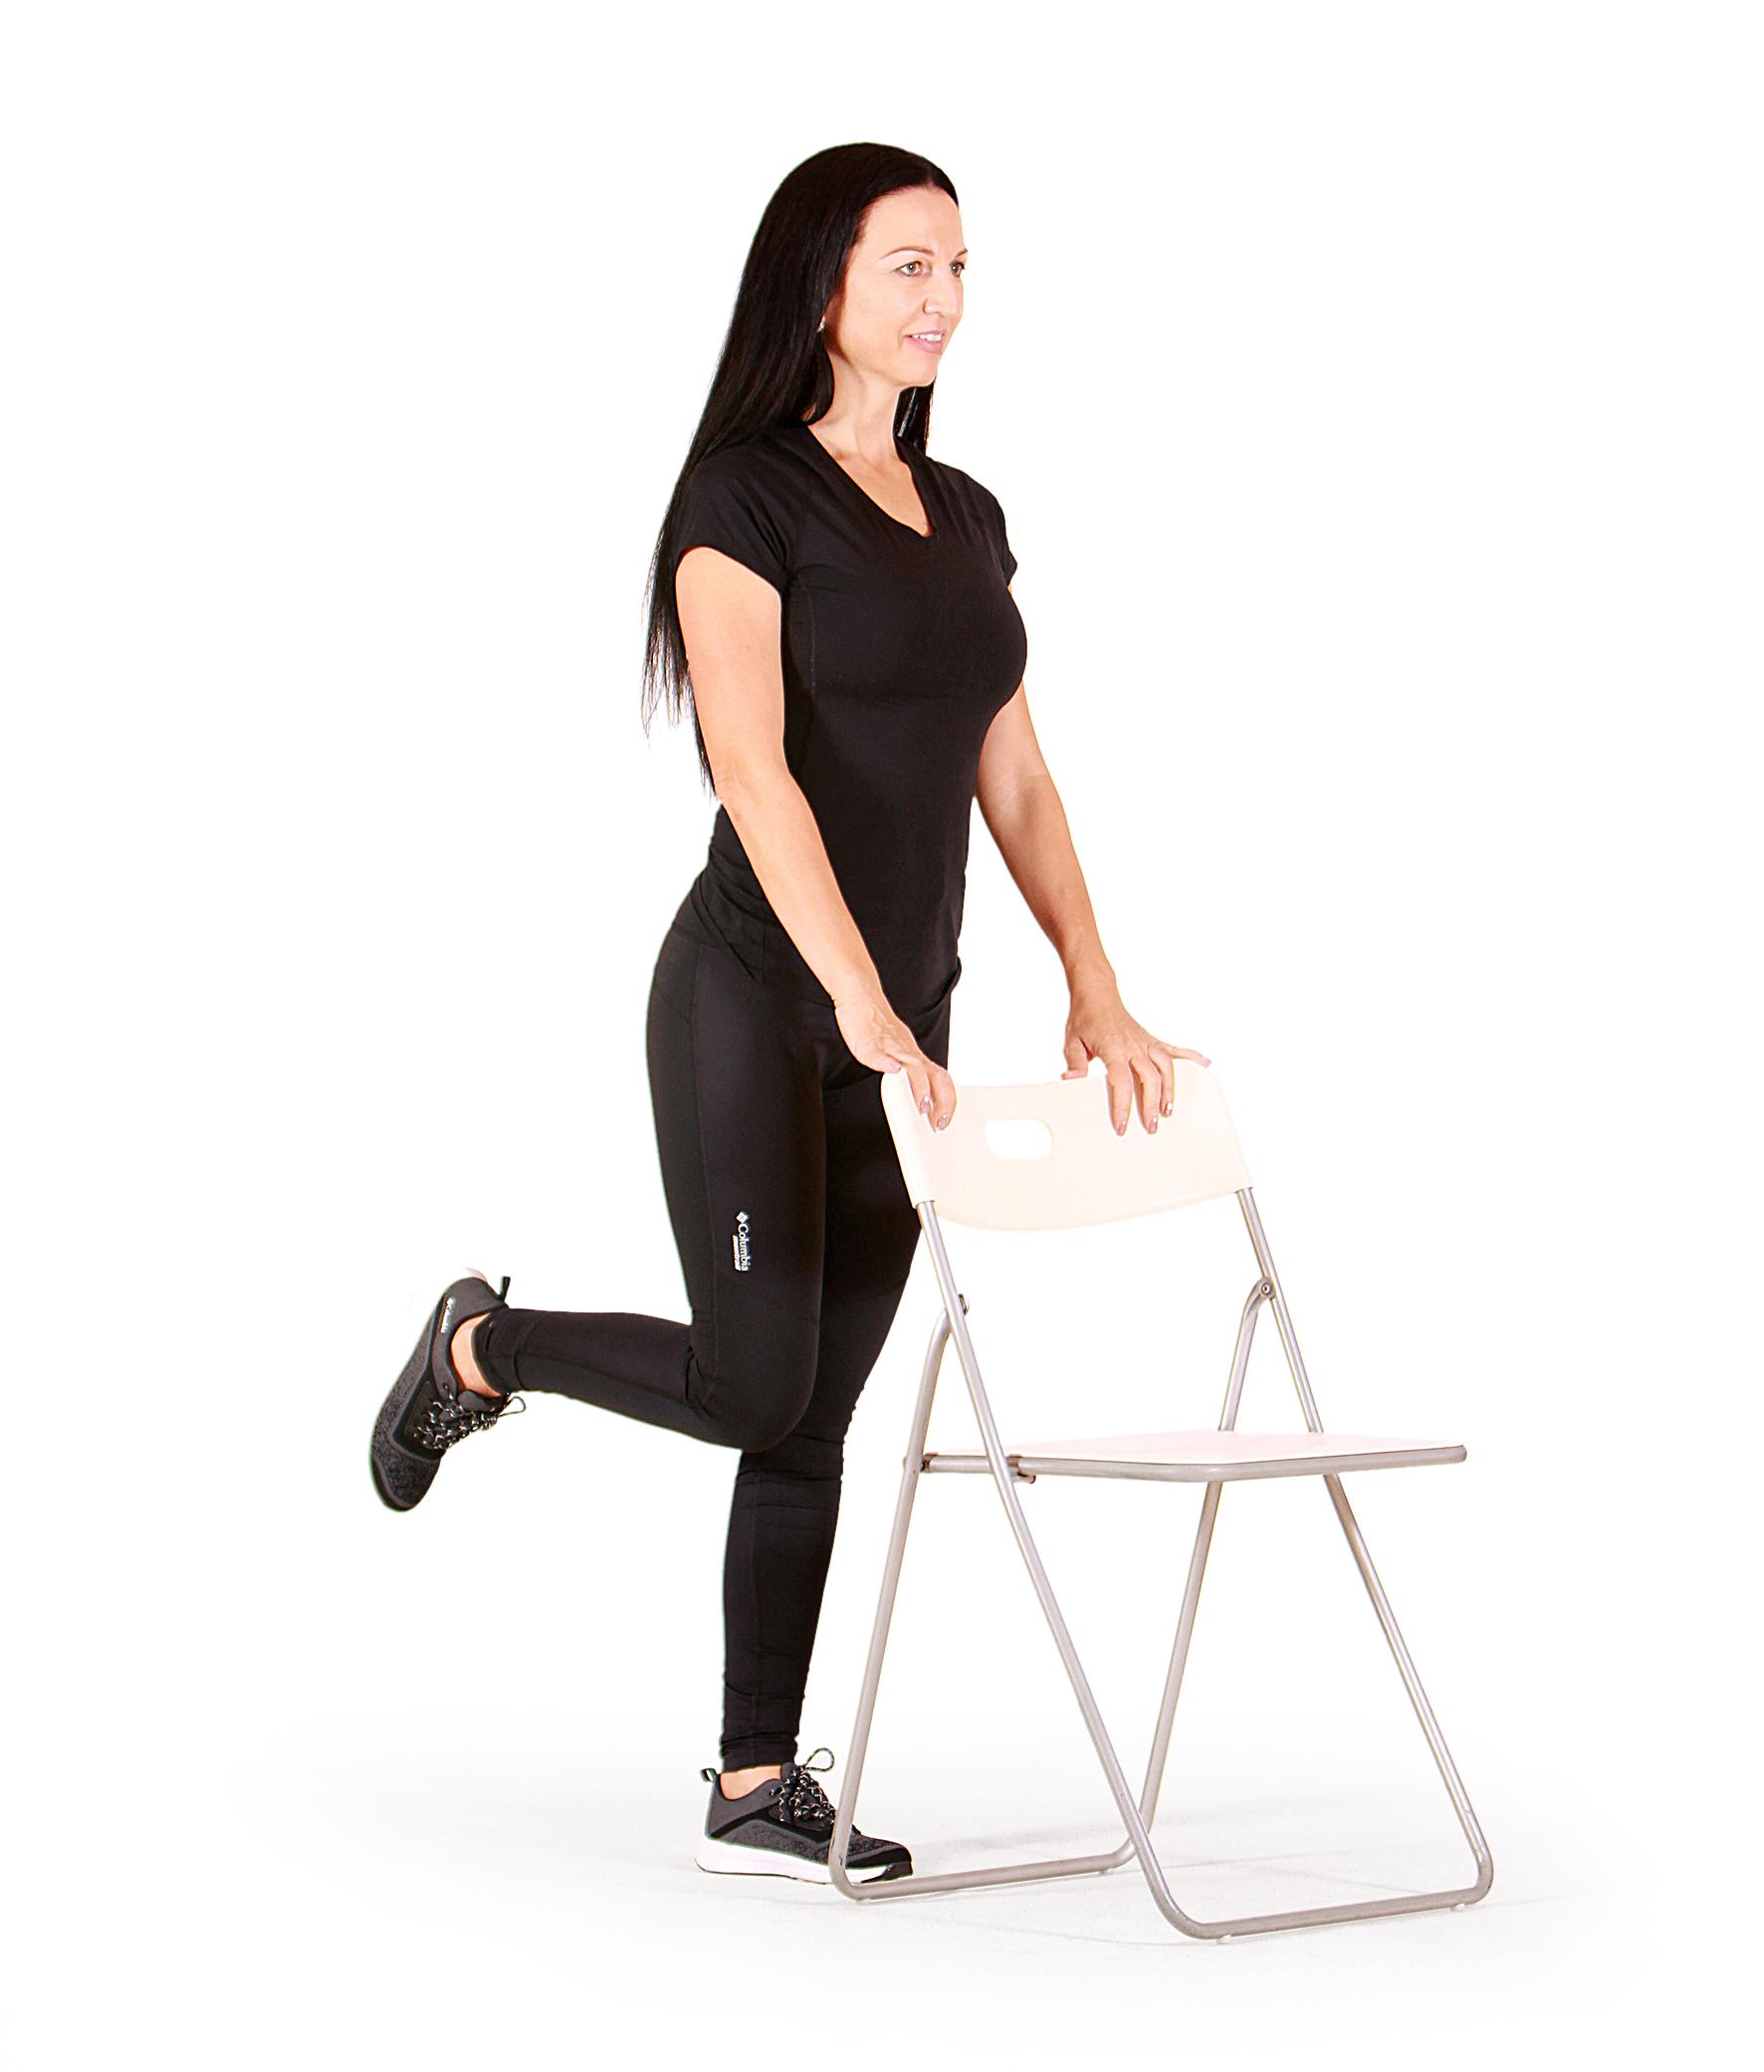 táplálja az emberi széket